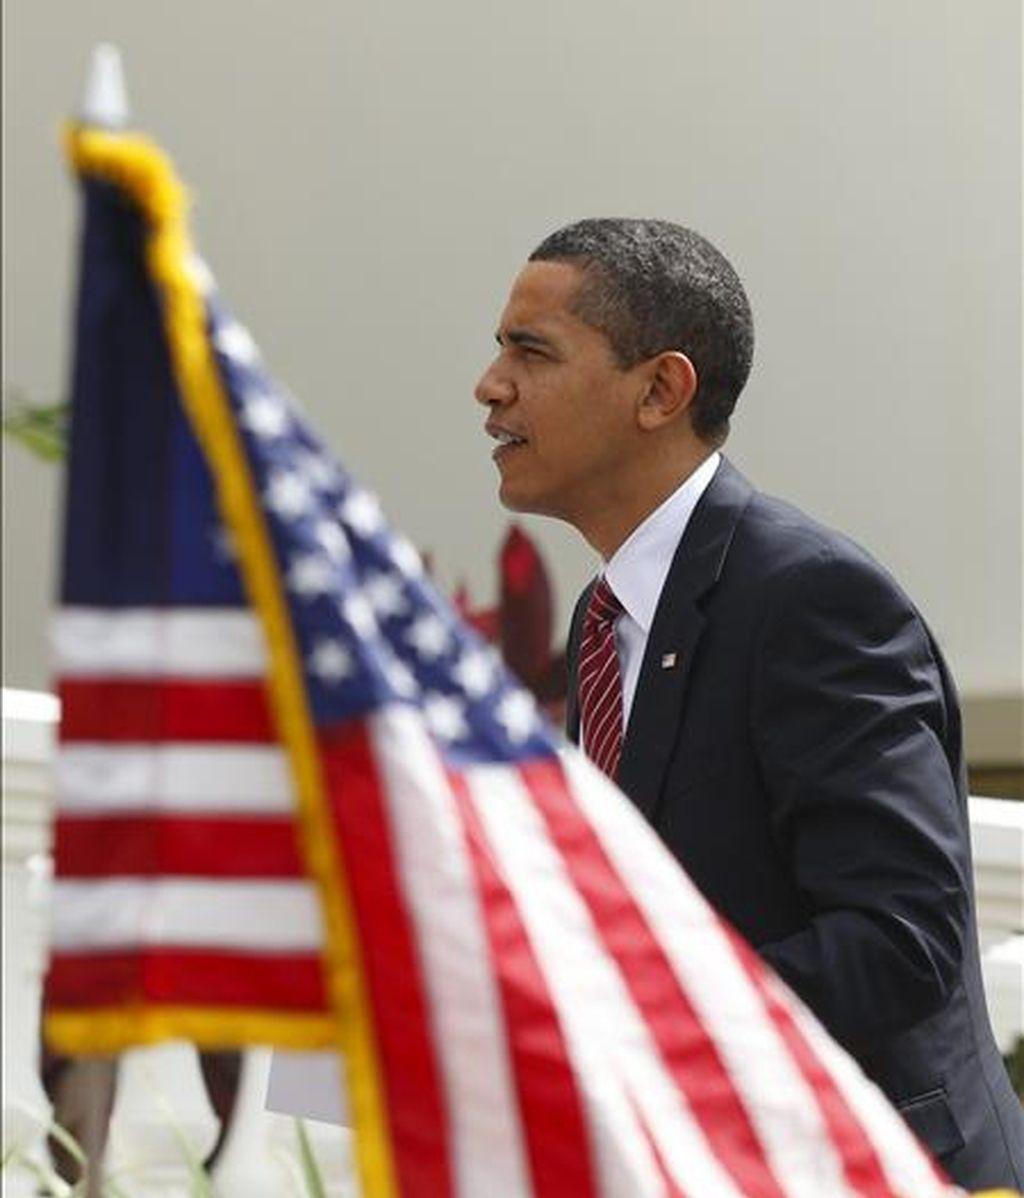 El presidente de Estados Unidos, Barack Obama, a su llegada hoy a la residencia del primer ministro de Trinidad y Tobago, Patrick Manning, donde tendrá lugar la ceremonia de clausura de la V Cumbre de las Americas. EFE